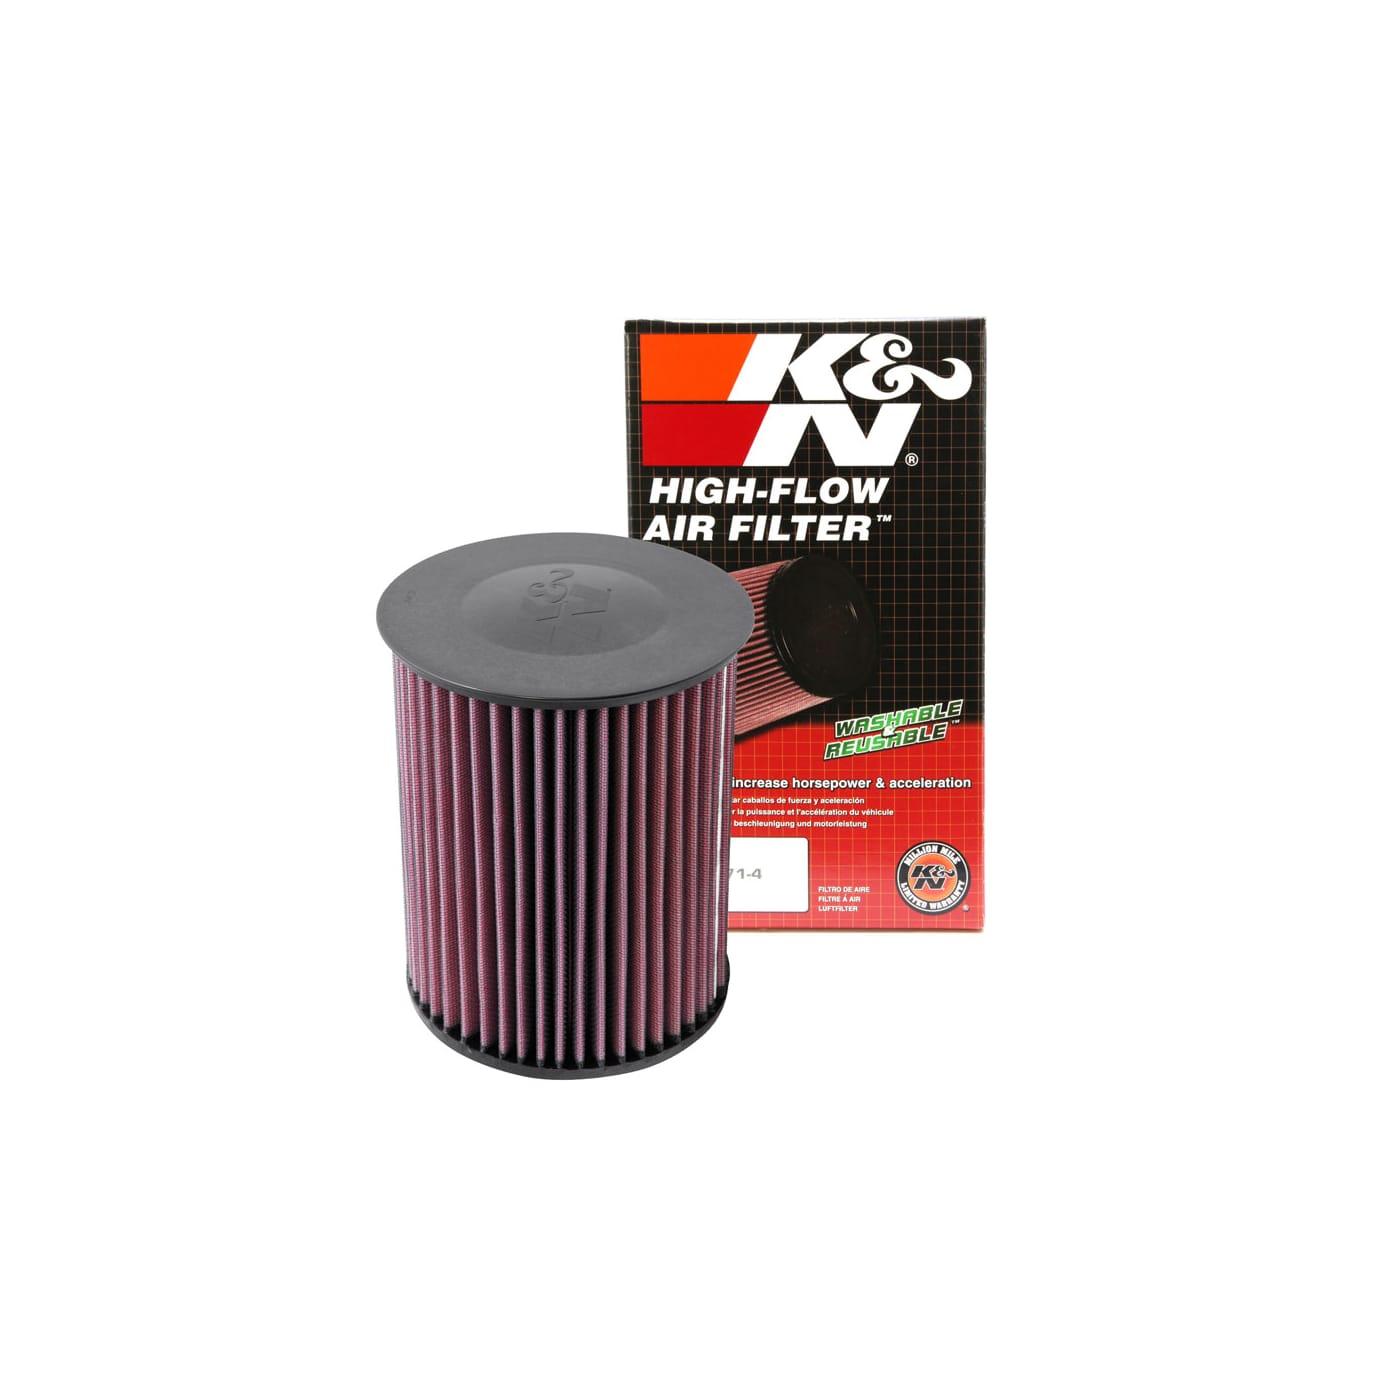 E-2993 K/&n Filtro de aire se ajusta Ford Focus II 2.0 2008-2010